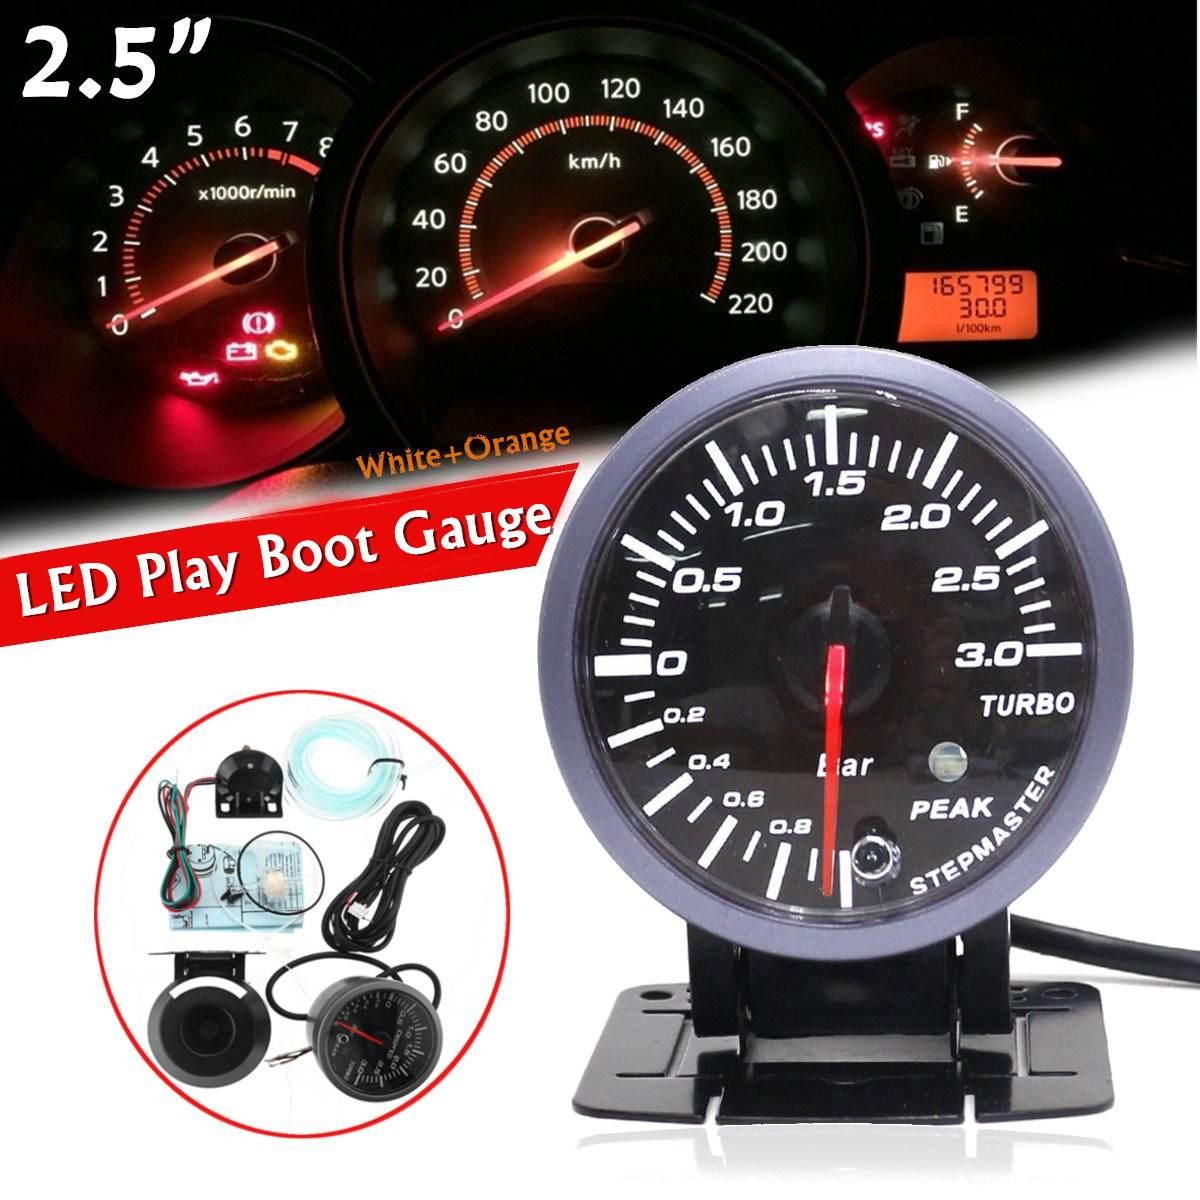 2.5 بوصة 60 مللي متر LED توربو دفعة مقياس ضغط تفريغ الهواء 0-3 بار تيار مستمر 12 فولت العالمي سيارة توربو دفعة متر عدة مع إنذار الذروة